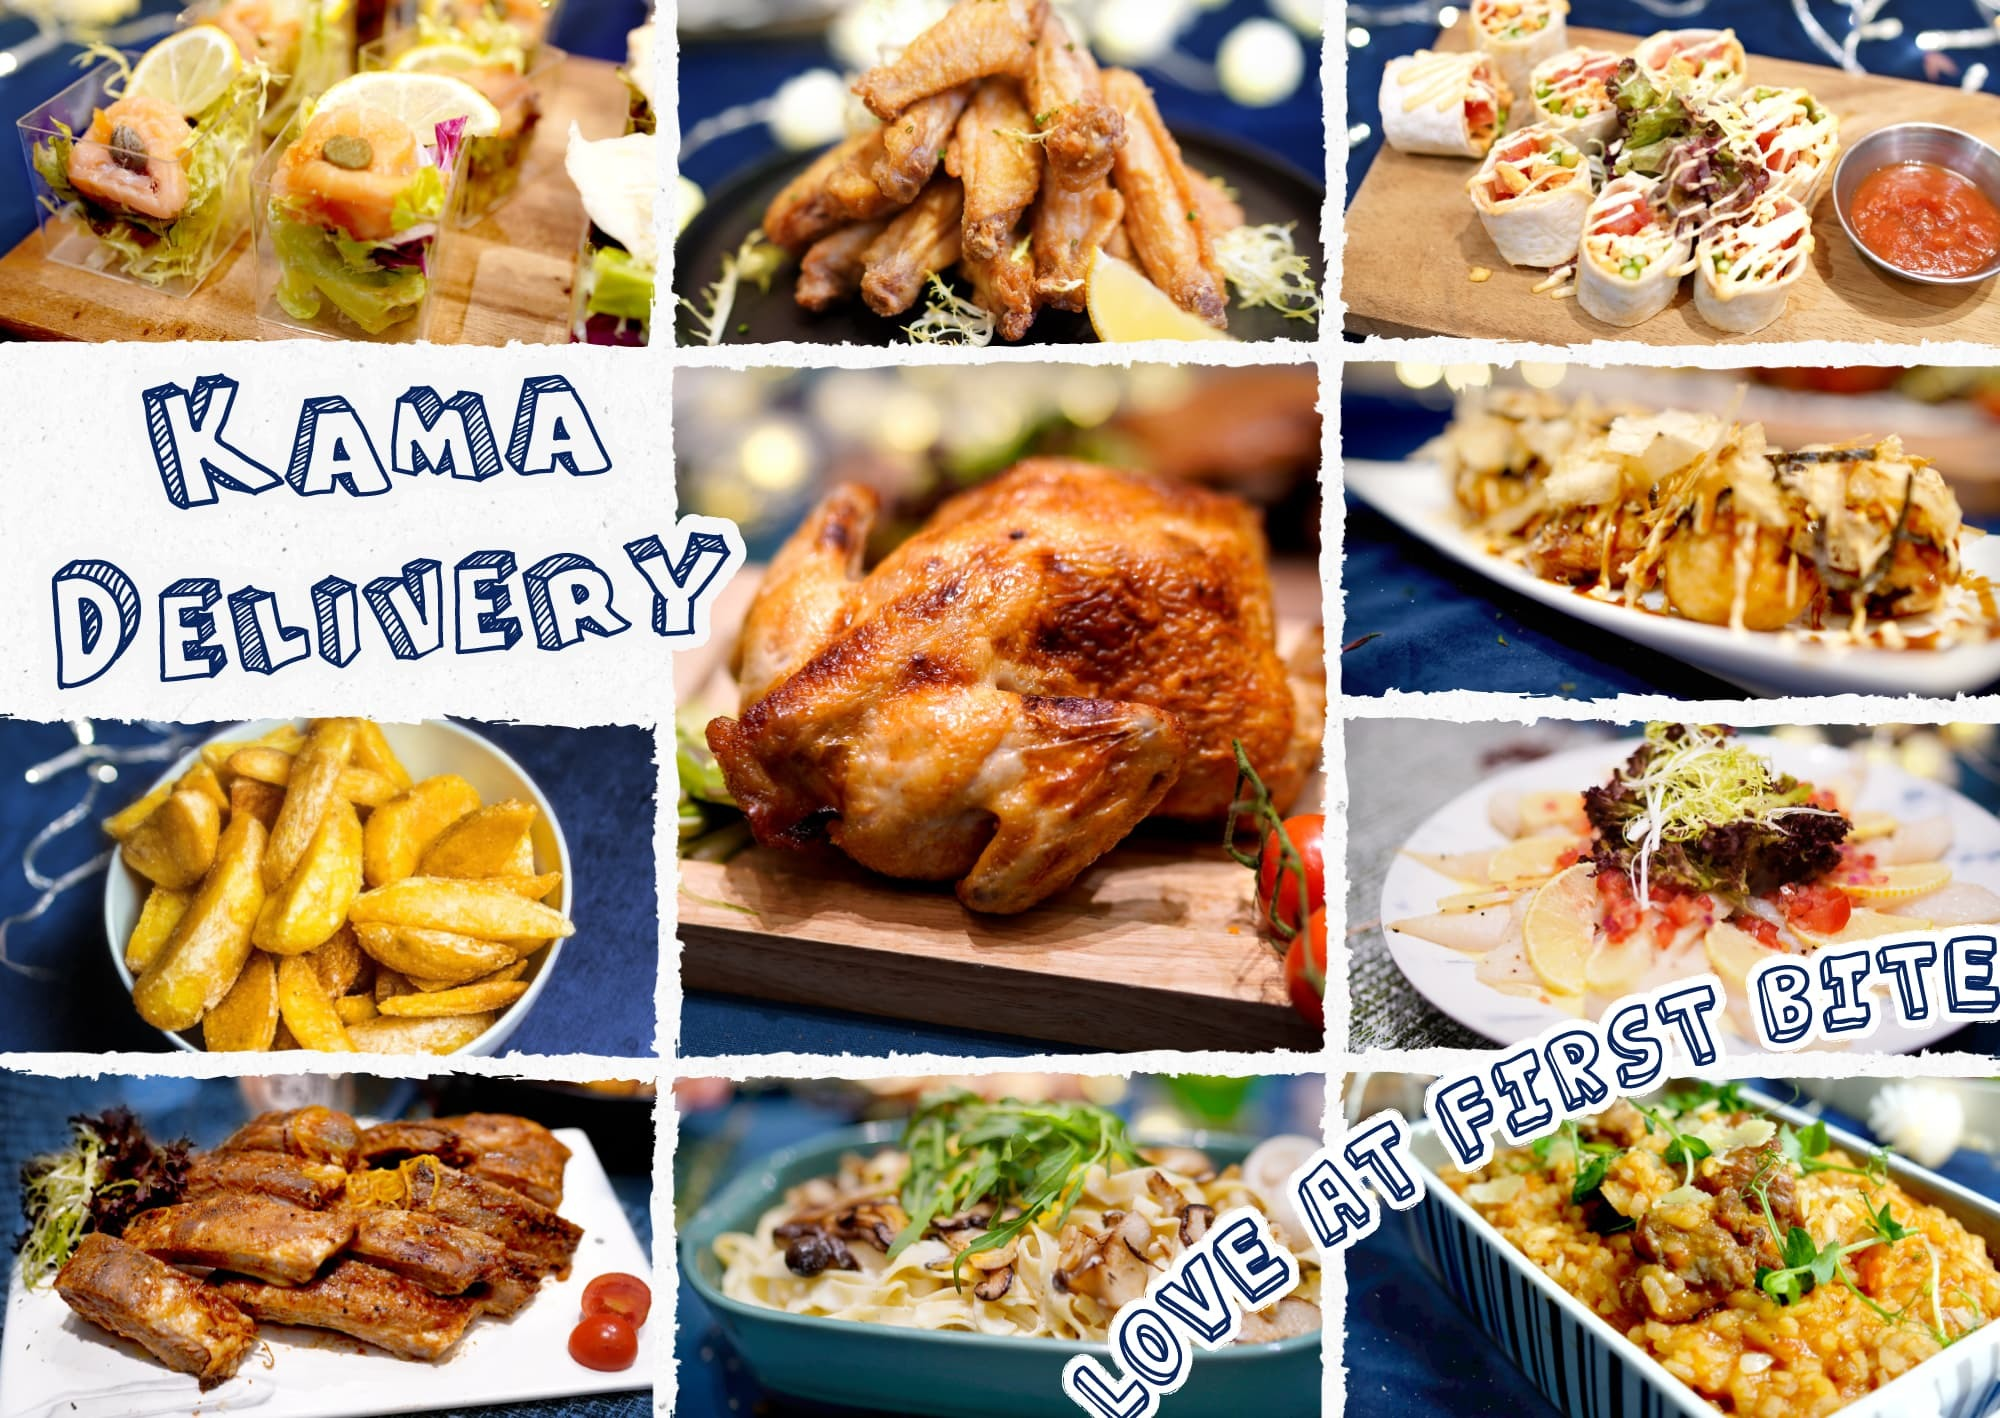 Kama Food到會外賣介紹|Kama Delivery為生日會、慶祝活動、家庭聚會等場合炮製多人外賣美食,歡迎WhatsApp聯絡我們查詢報價。